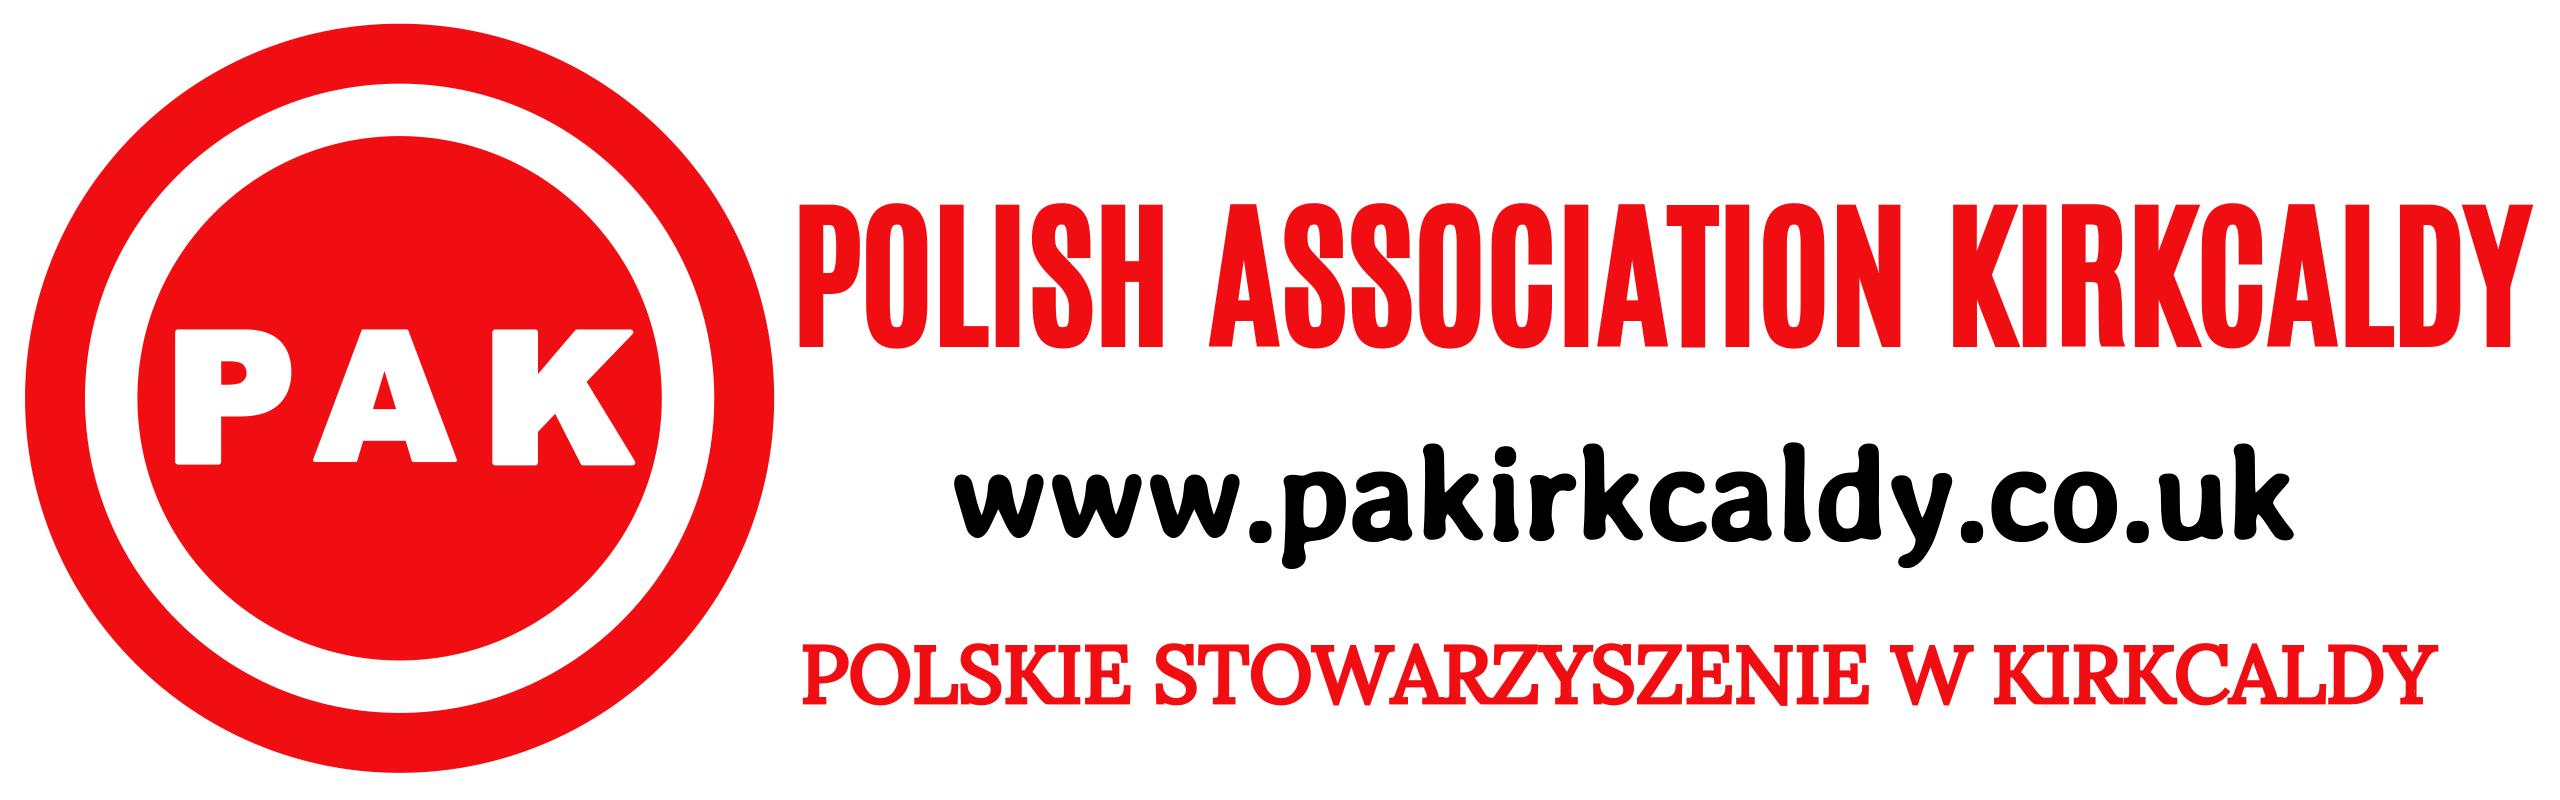 Polish Association Kirkcaldy – Polska Wspólnota w Kirkcaldy